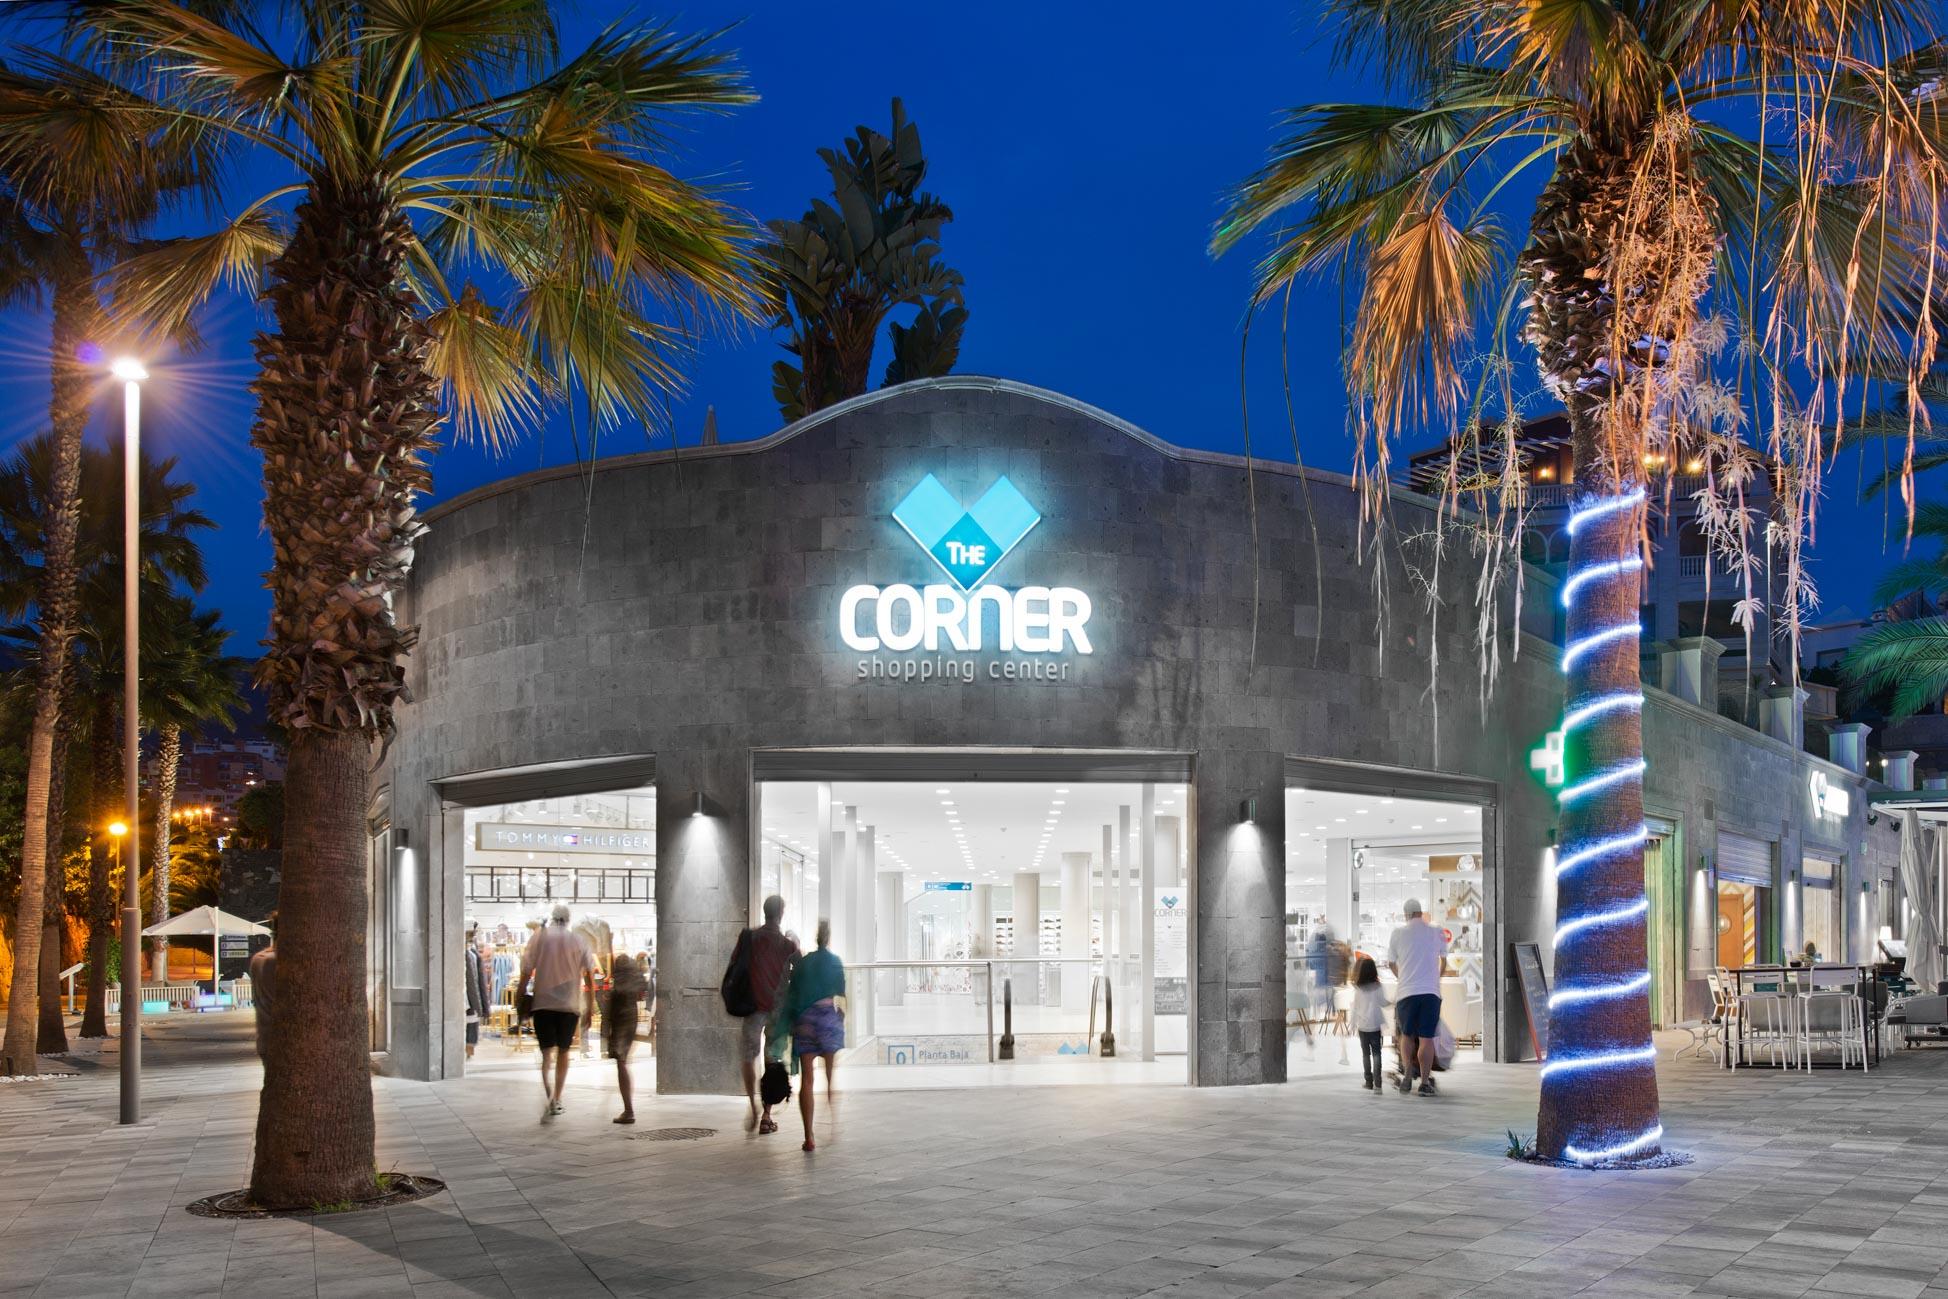 The Corner Shopping Center